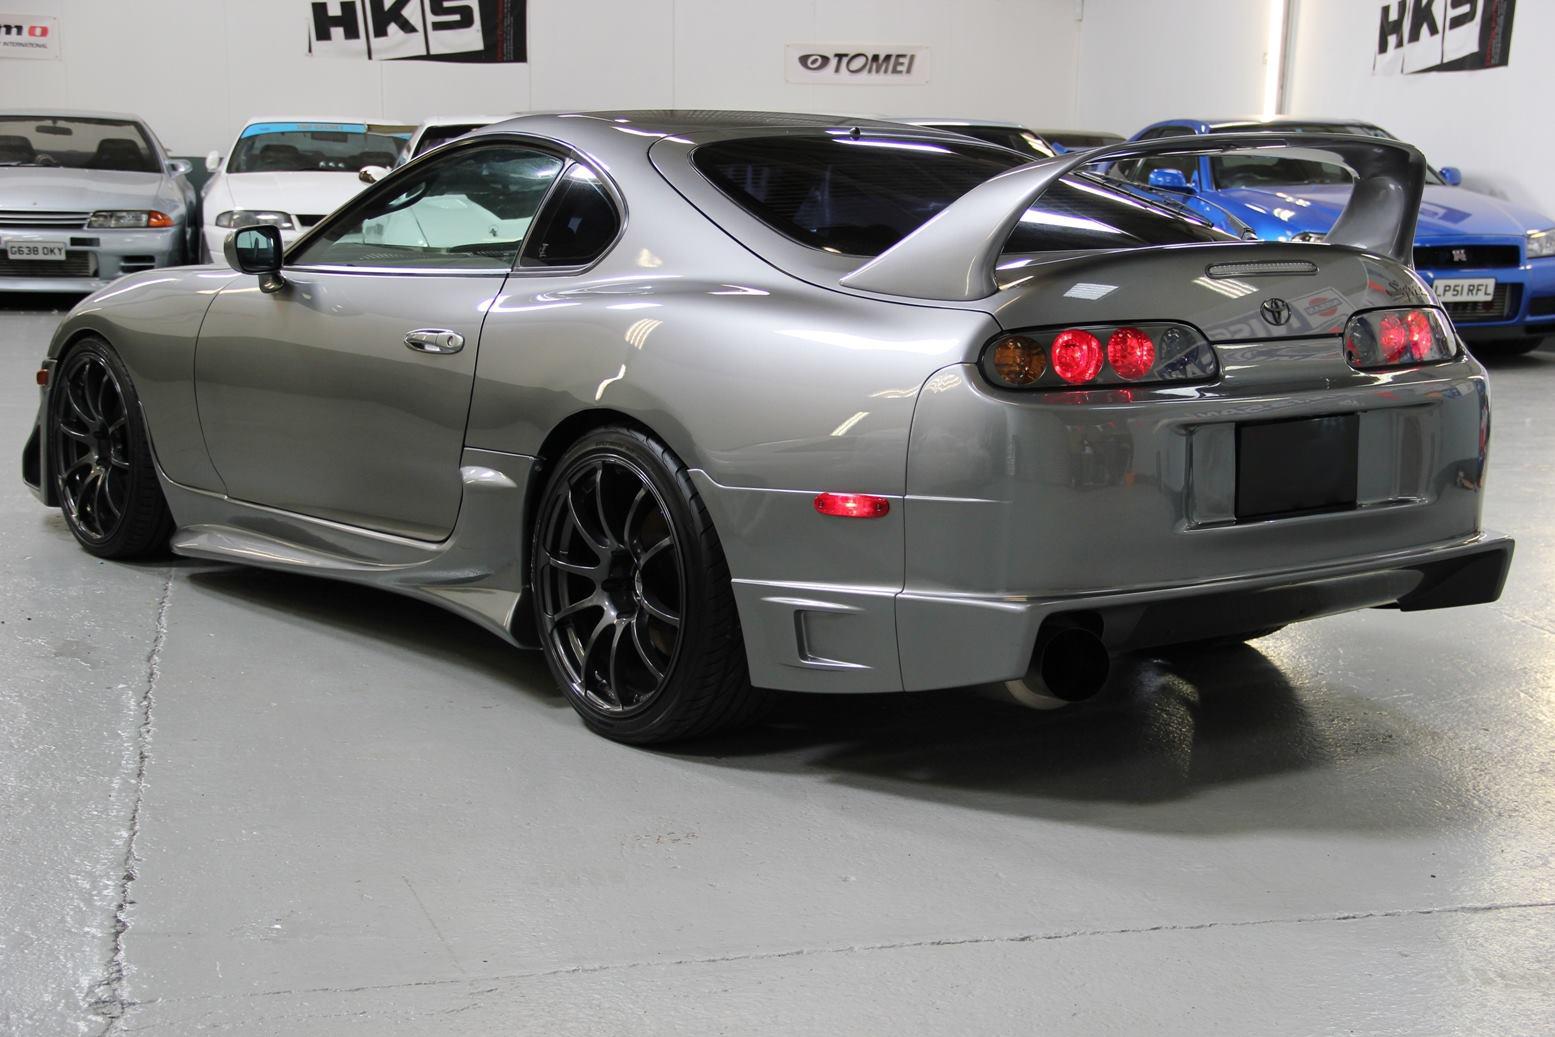 Kelebihan Kekurangan Toyota Supra 2002 Murah Berkualitas